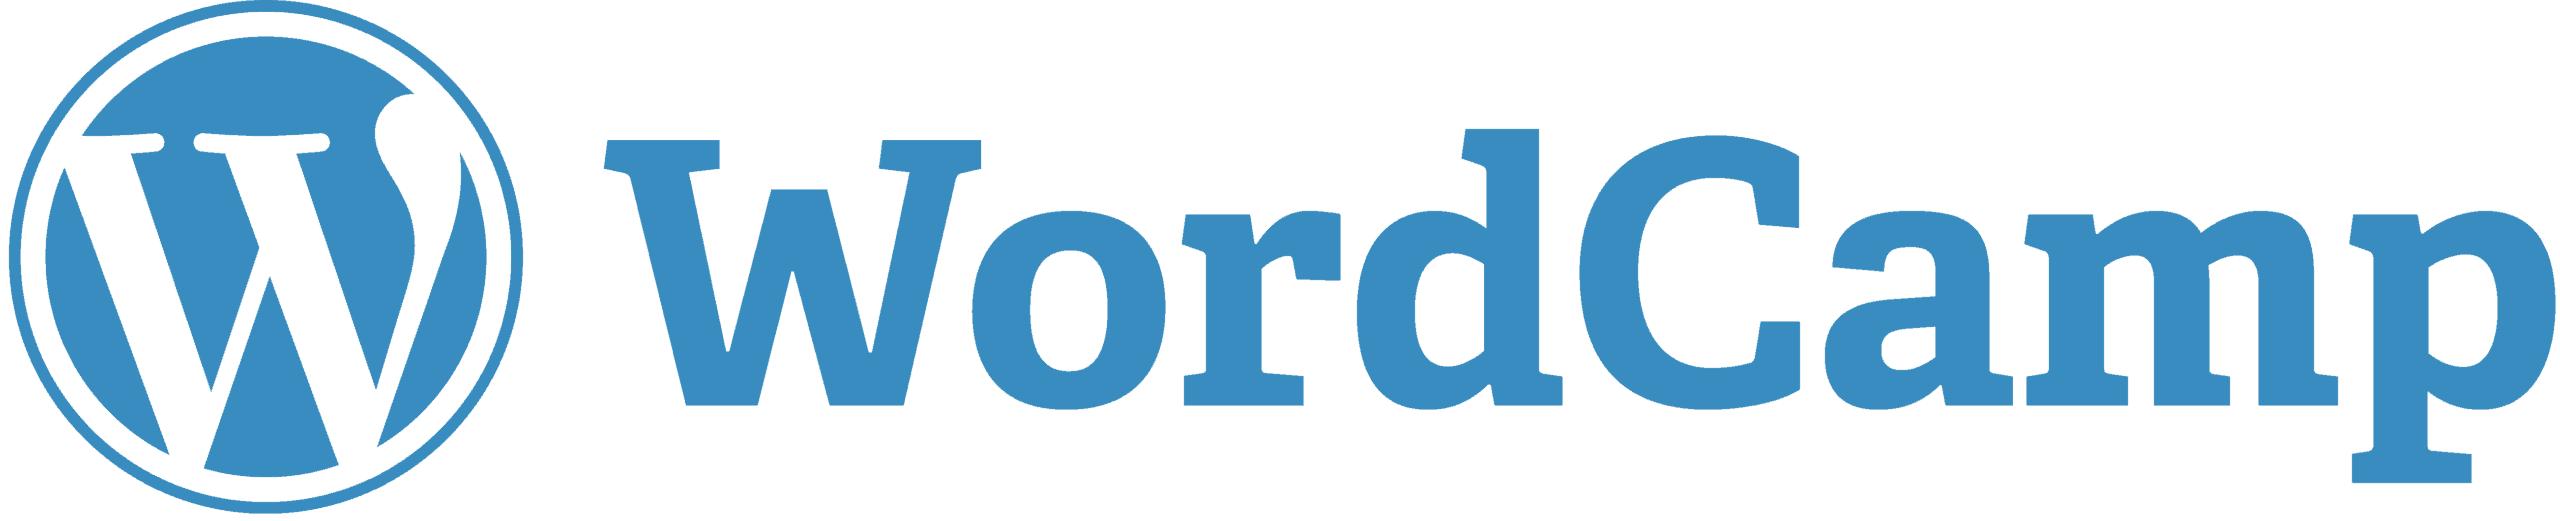 WordCamp Toronto 2018 Recap